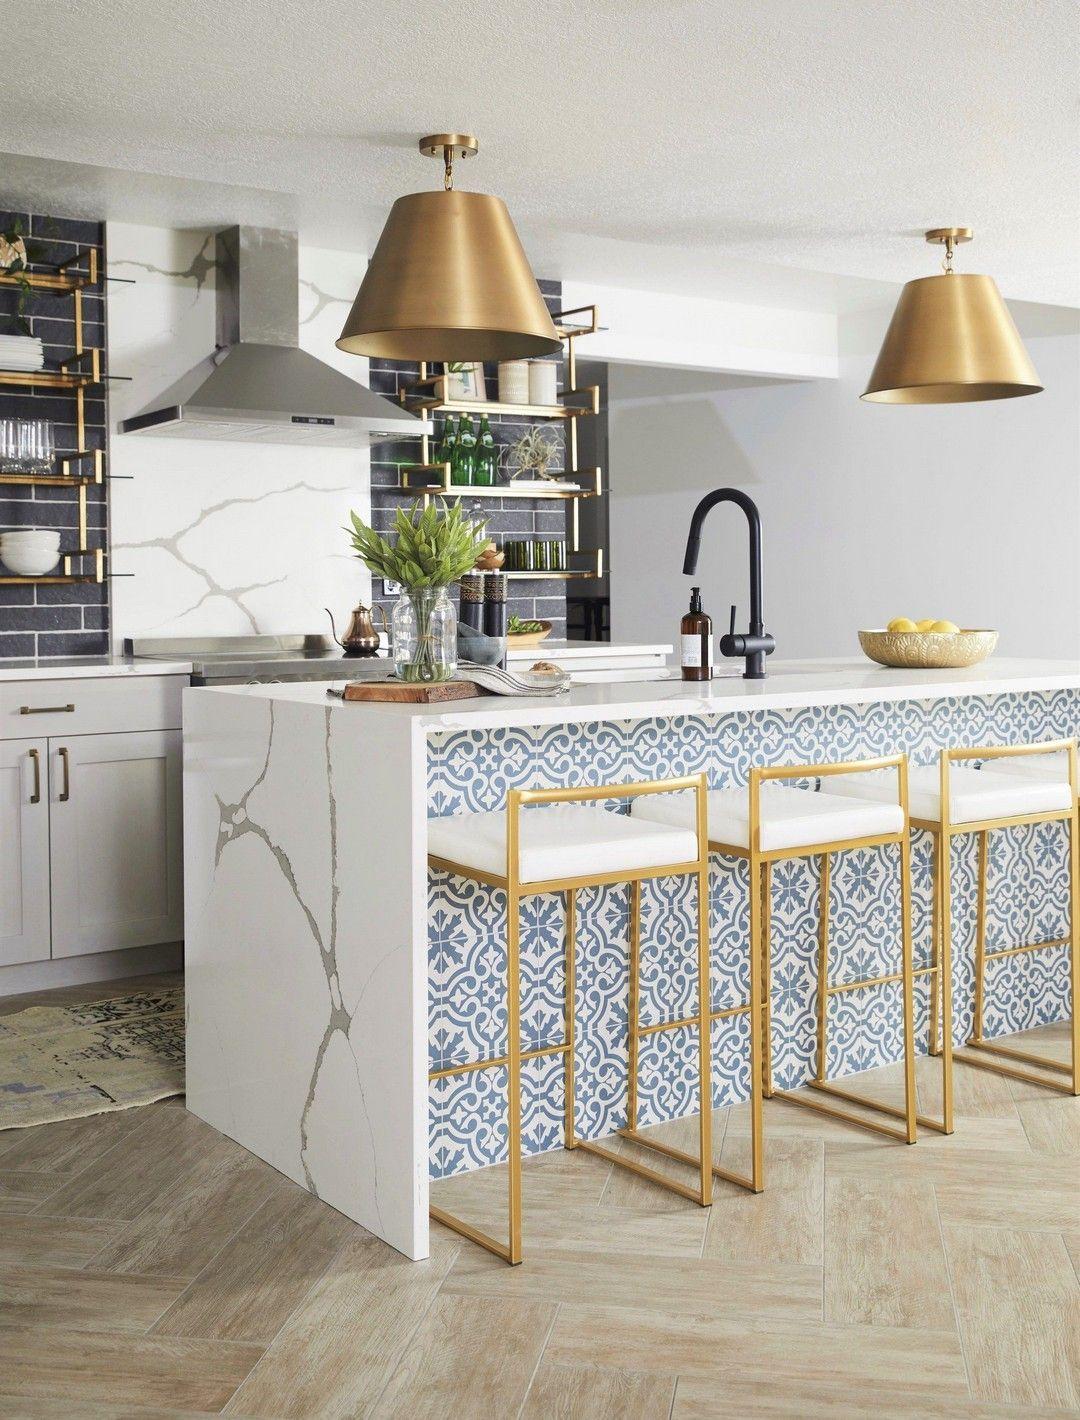 10 Stunning Mediterranean Kitchen Designs That Ll Inspire You In 2020 Mediterranean Kitchen Design Mediterranean Home Decor Mediterranean Kitchen